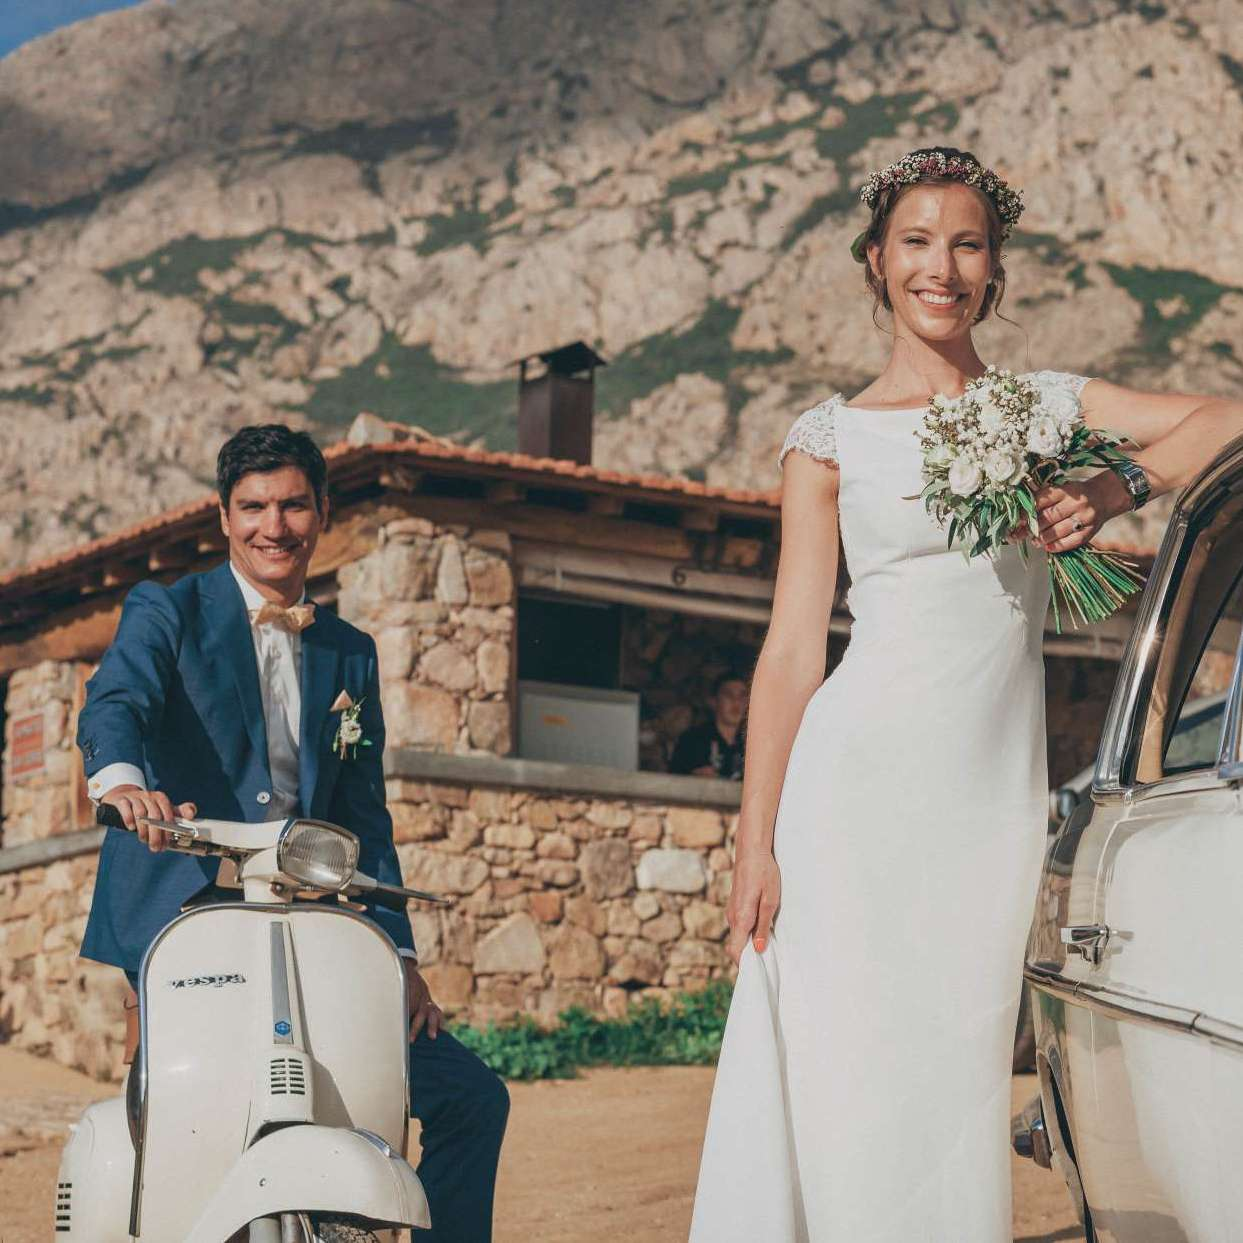 mellieur-photographe-mariage-bourgogne